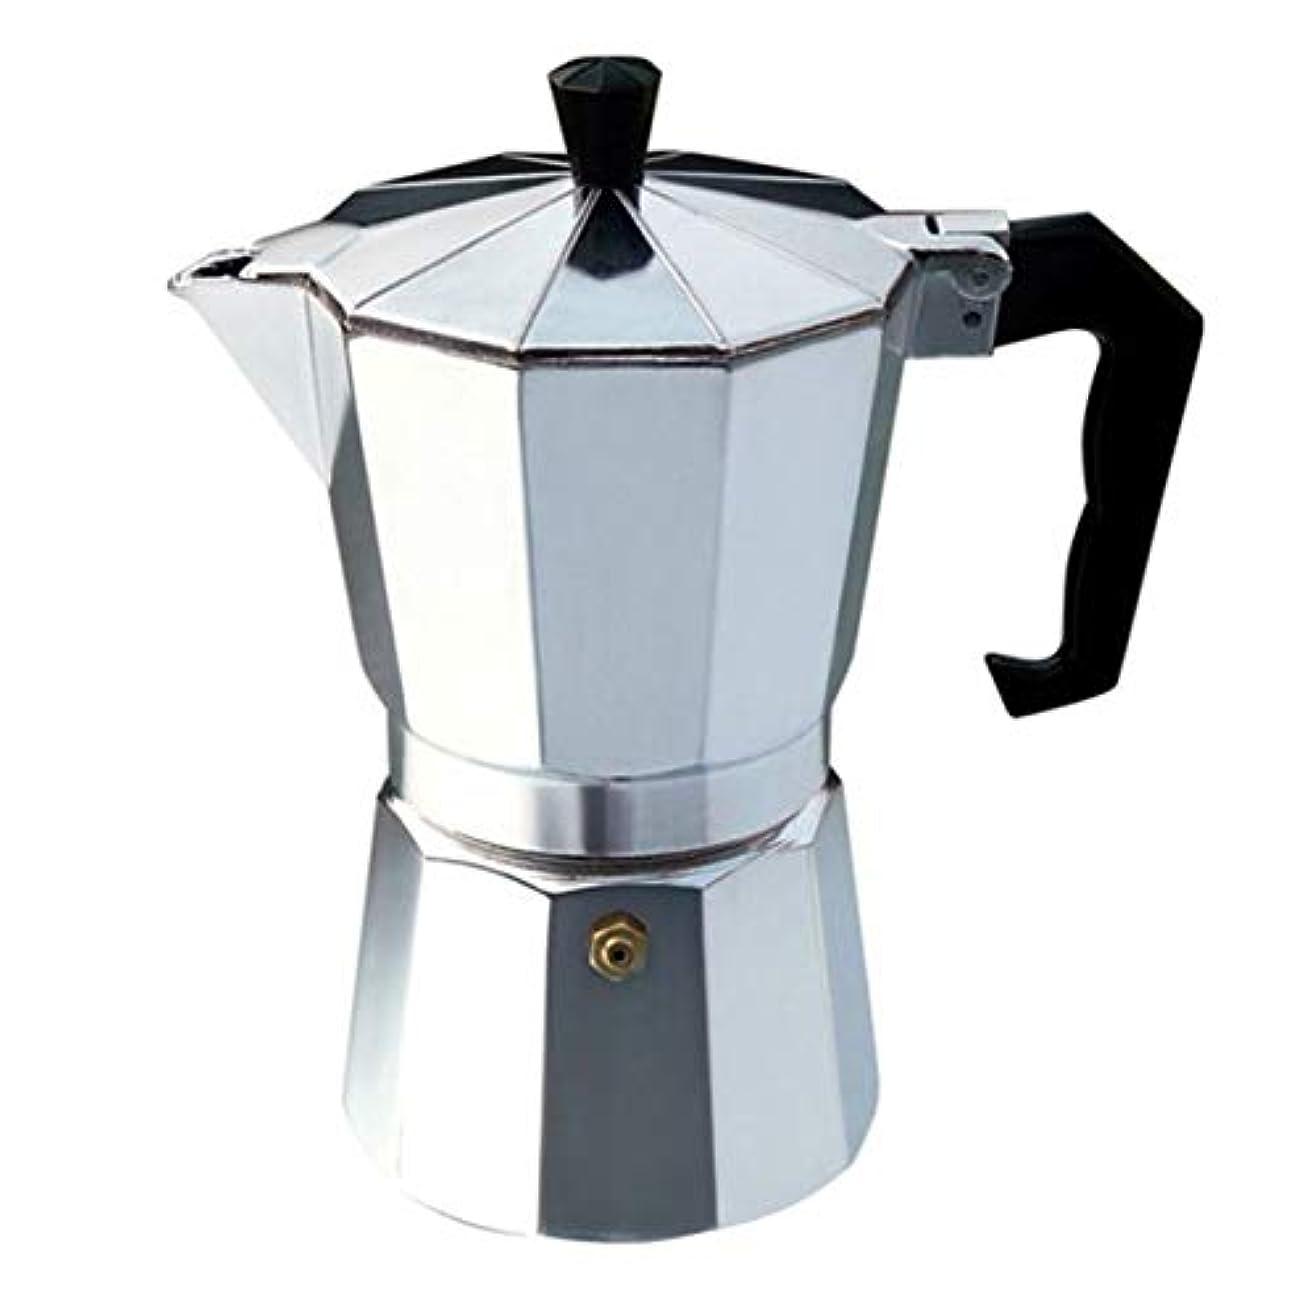 インタネットを見る担当者酔うSaikogoods ナガXuefeiイタリアコーヒーブラックコーヒーモカコーヒー 実用的なギフト 簡単にクリーンアップするためにアルミ真岡鍋 Octangleコーヒーメーカー 銀 6カップ